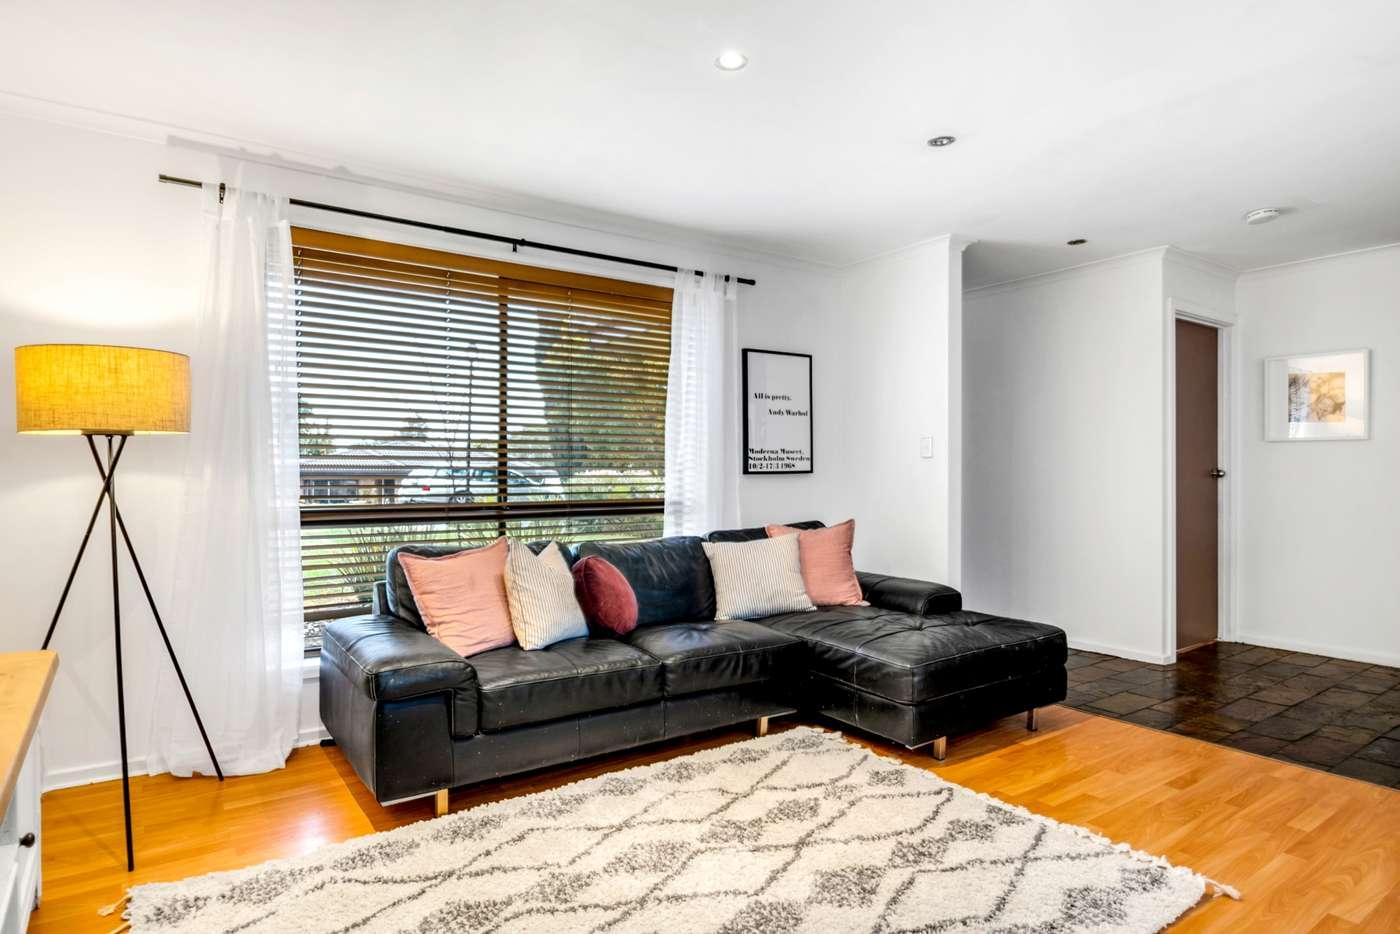 Sixth view of Homely house listing, 26 Kooyonga Way, Morphett Vale SA 5162